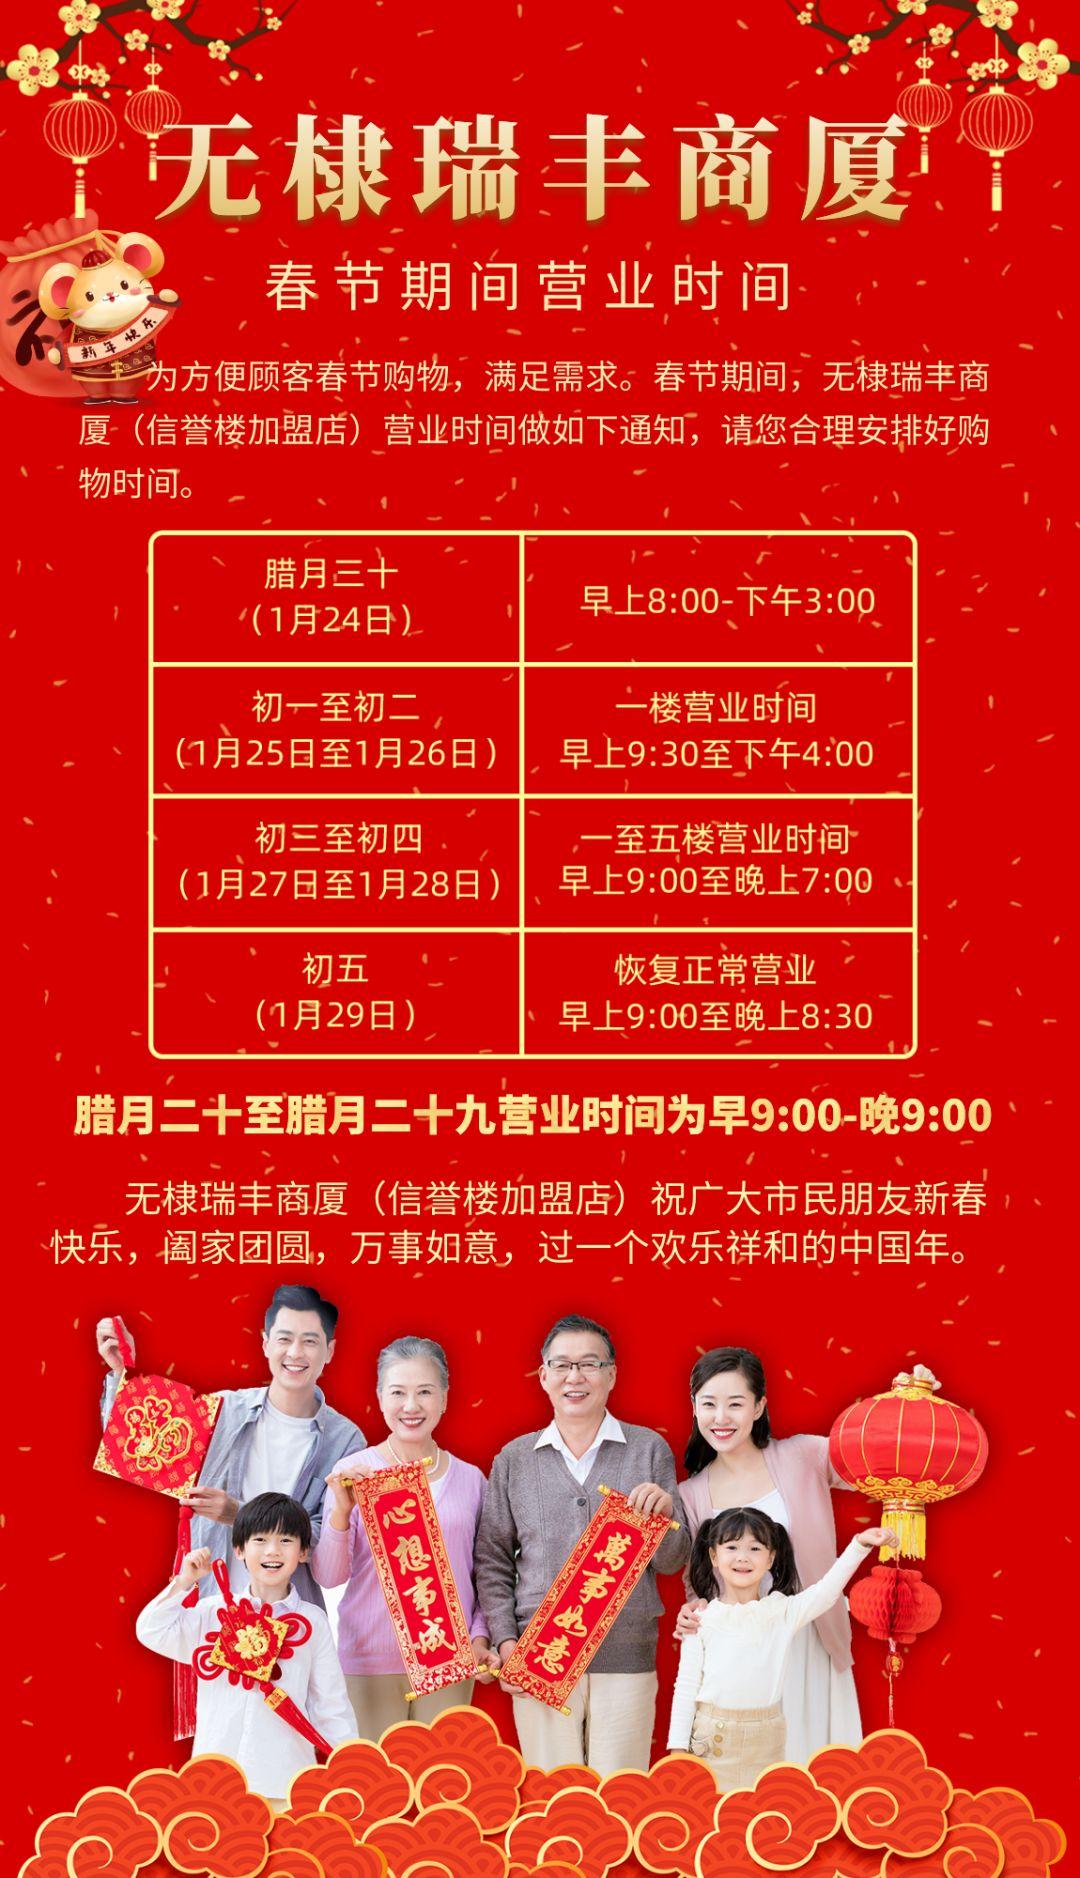 无棣瑞丰商厦(信誉楼加盟店)春节营业时间安排!